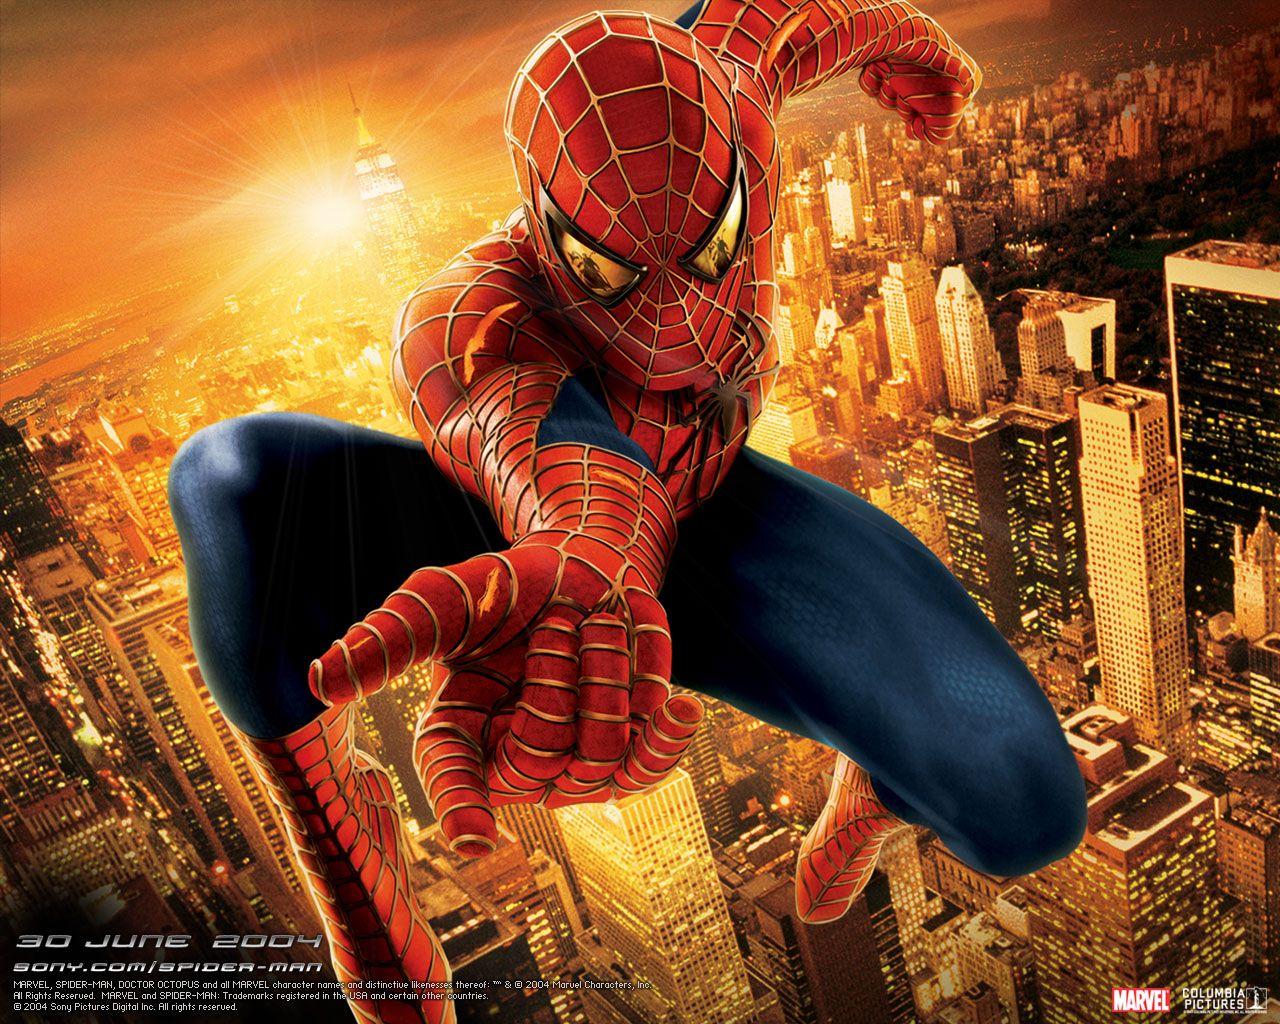 Wallpaper Spider-man Spider-Man 2 Spiderman hero Movies film